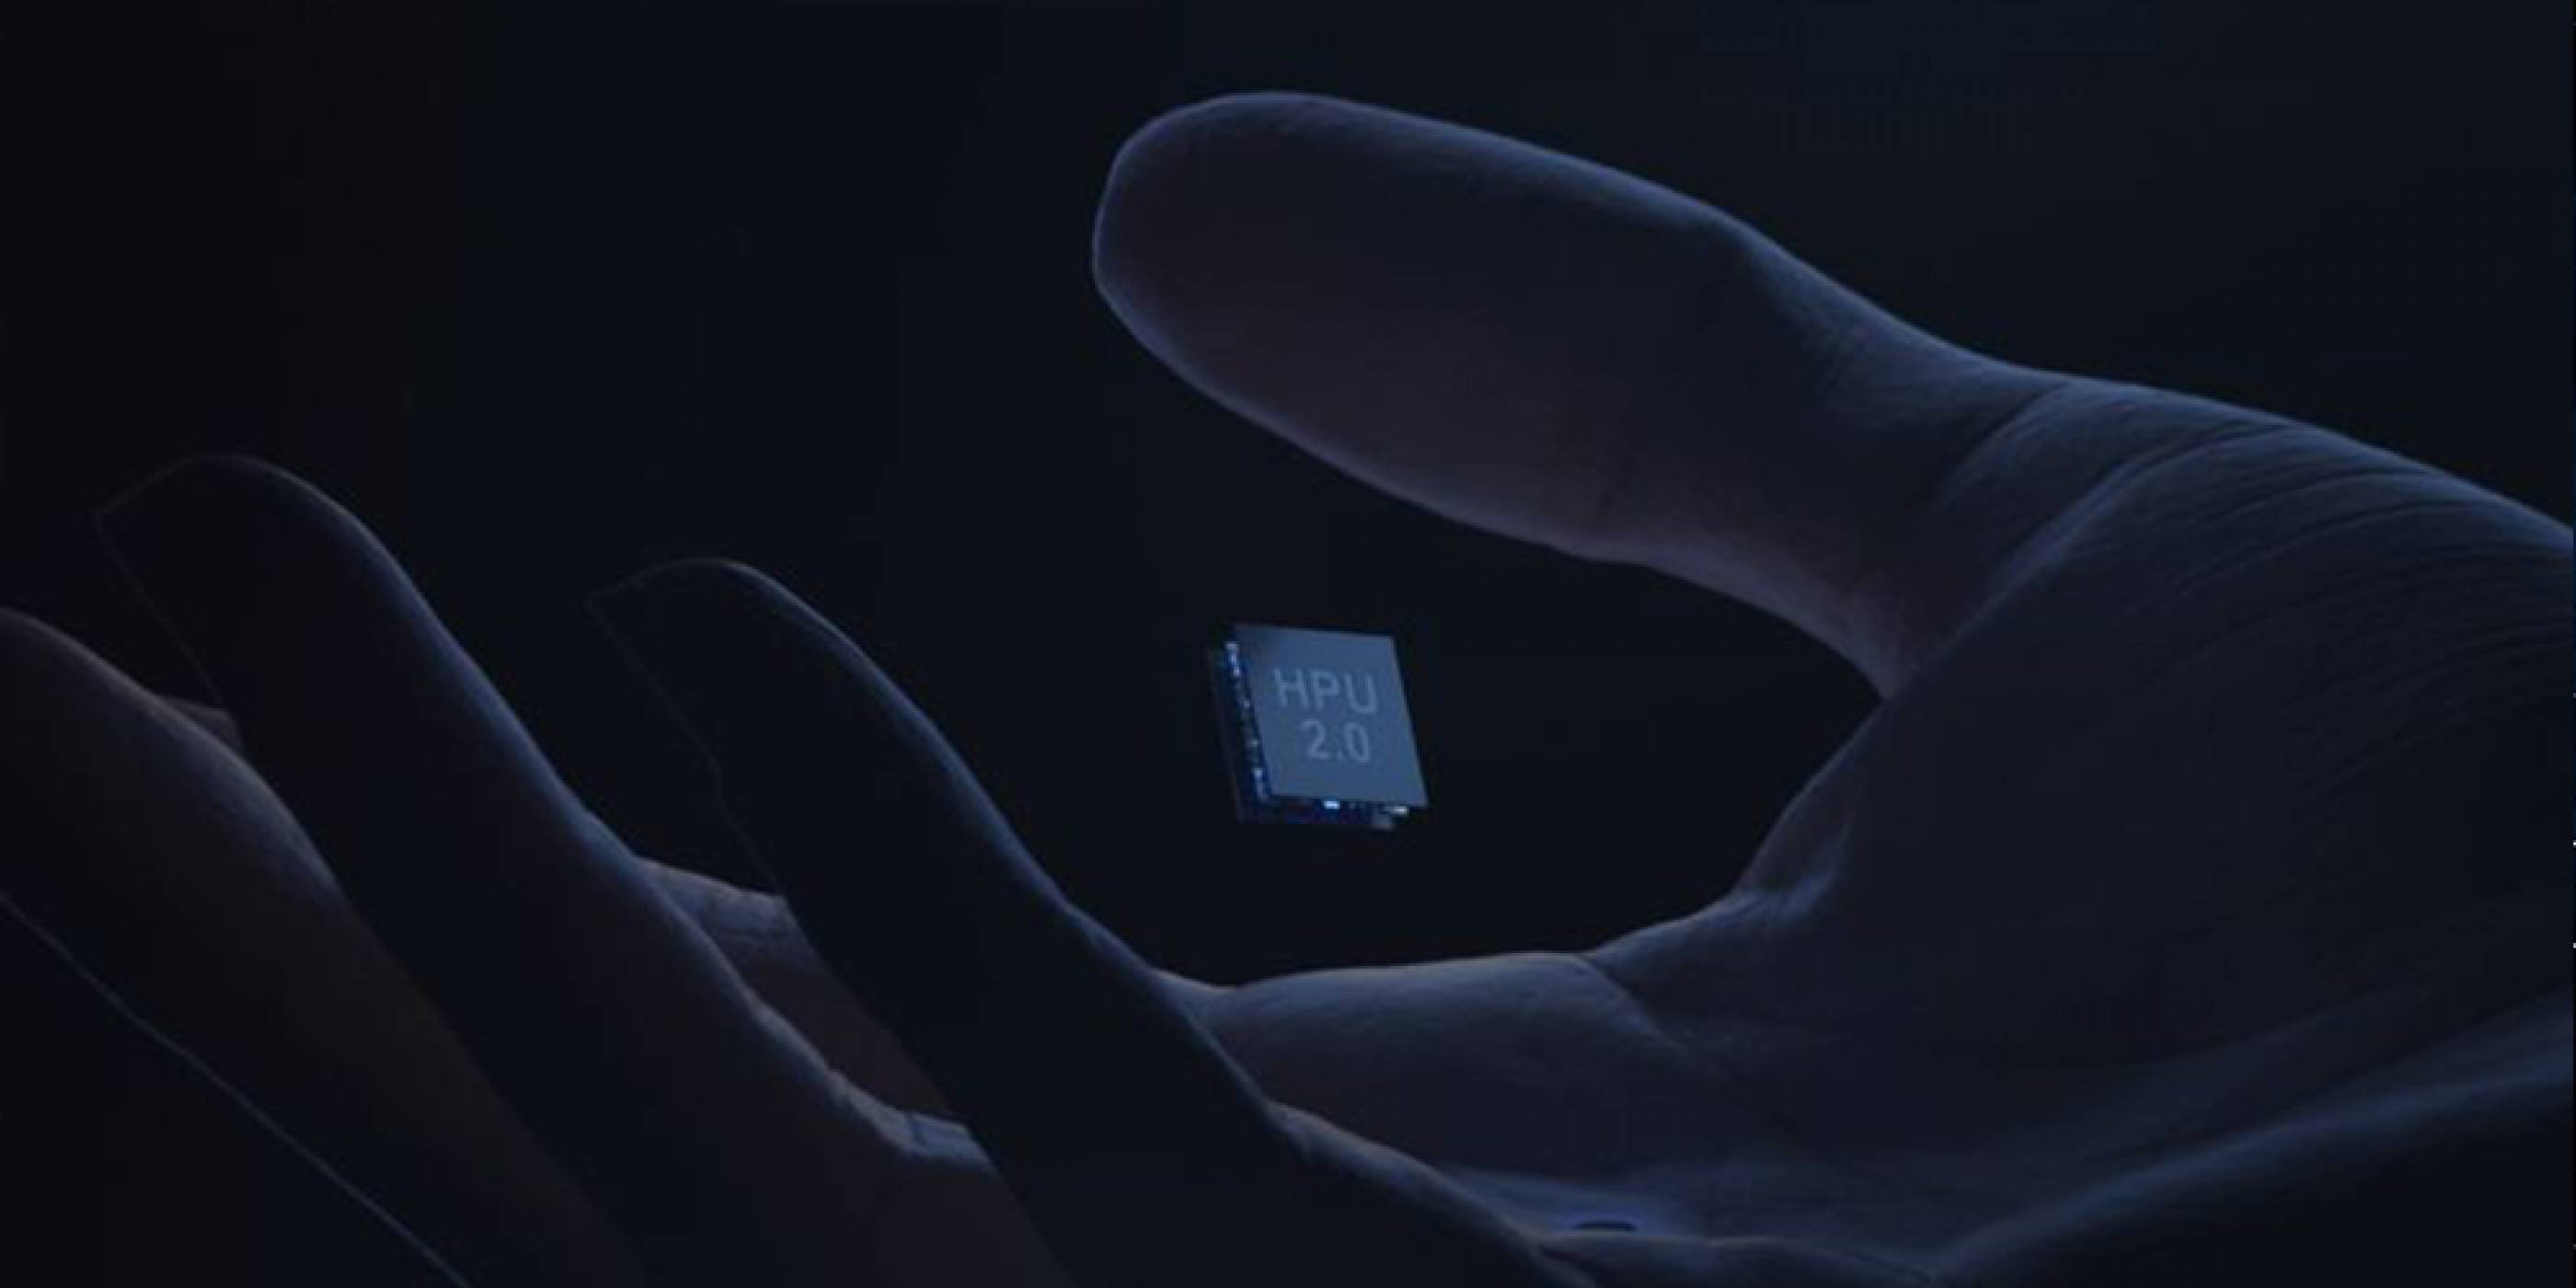 Hololens 2 ще използва чип с изкуствен интелект, произведен от Microsoft